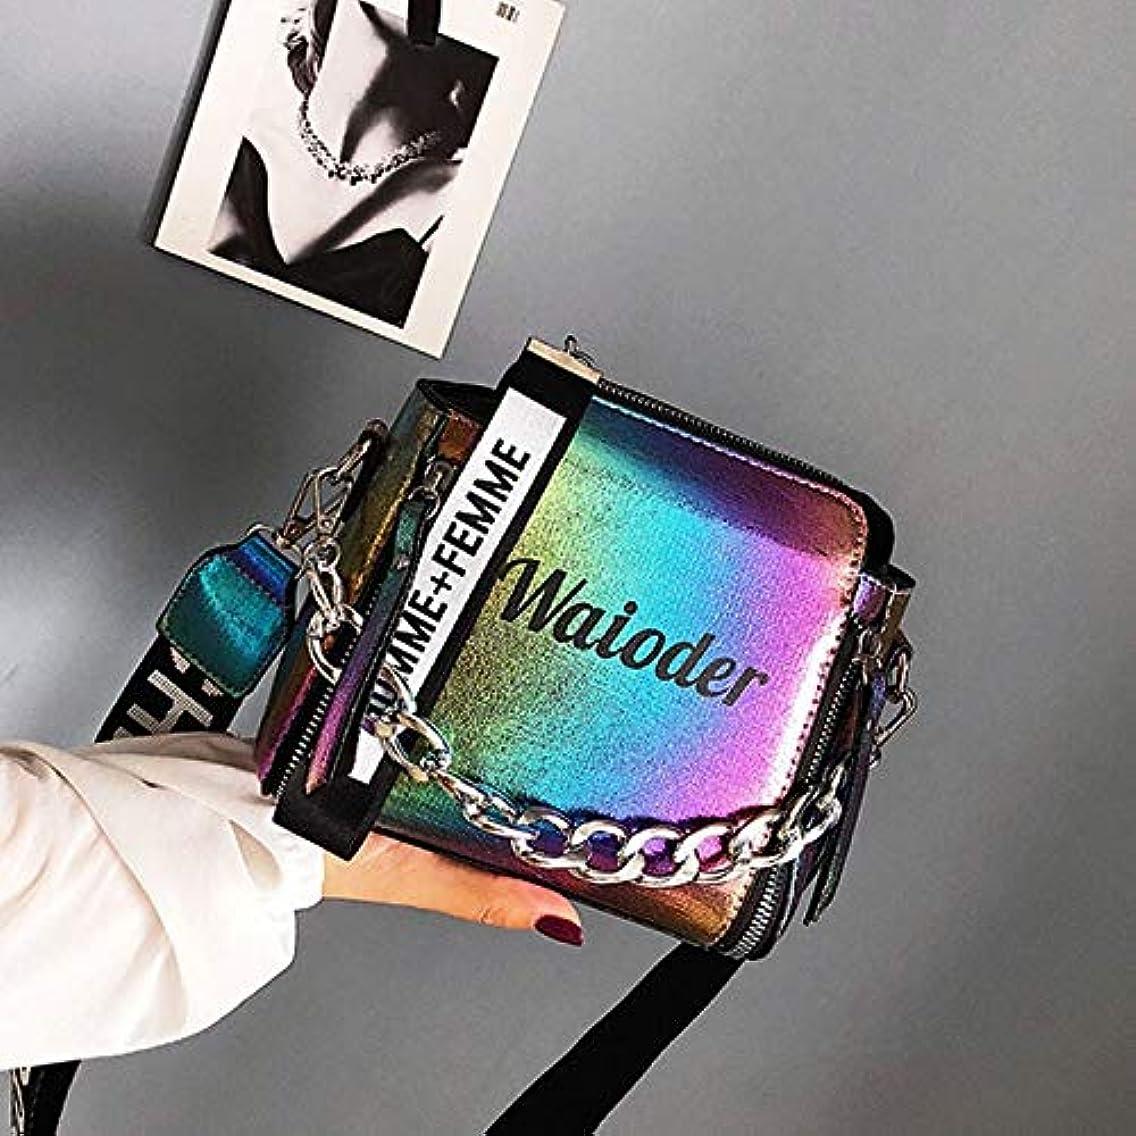 ユーモラス目立つ甘くするLPPレーザーの女性の手紙ショルダーバッグイン人気女性ハンドバッグ休日 PU のためのデザイン絶妙なクロスボディバケット小銭入れ 小さい